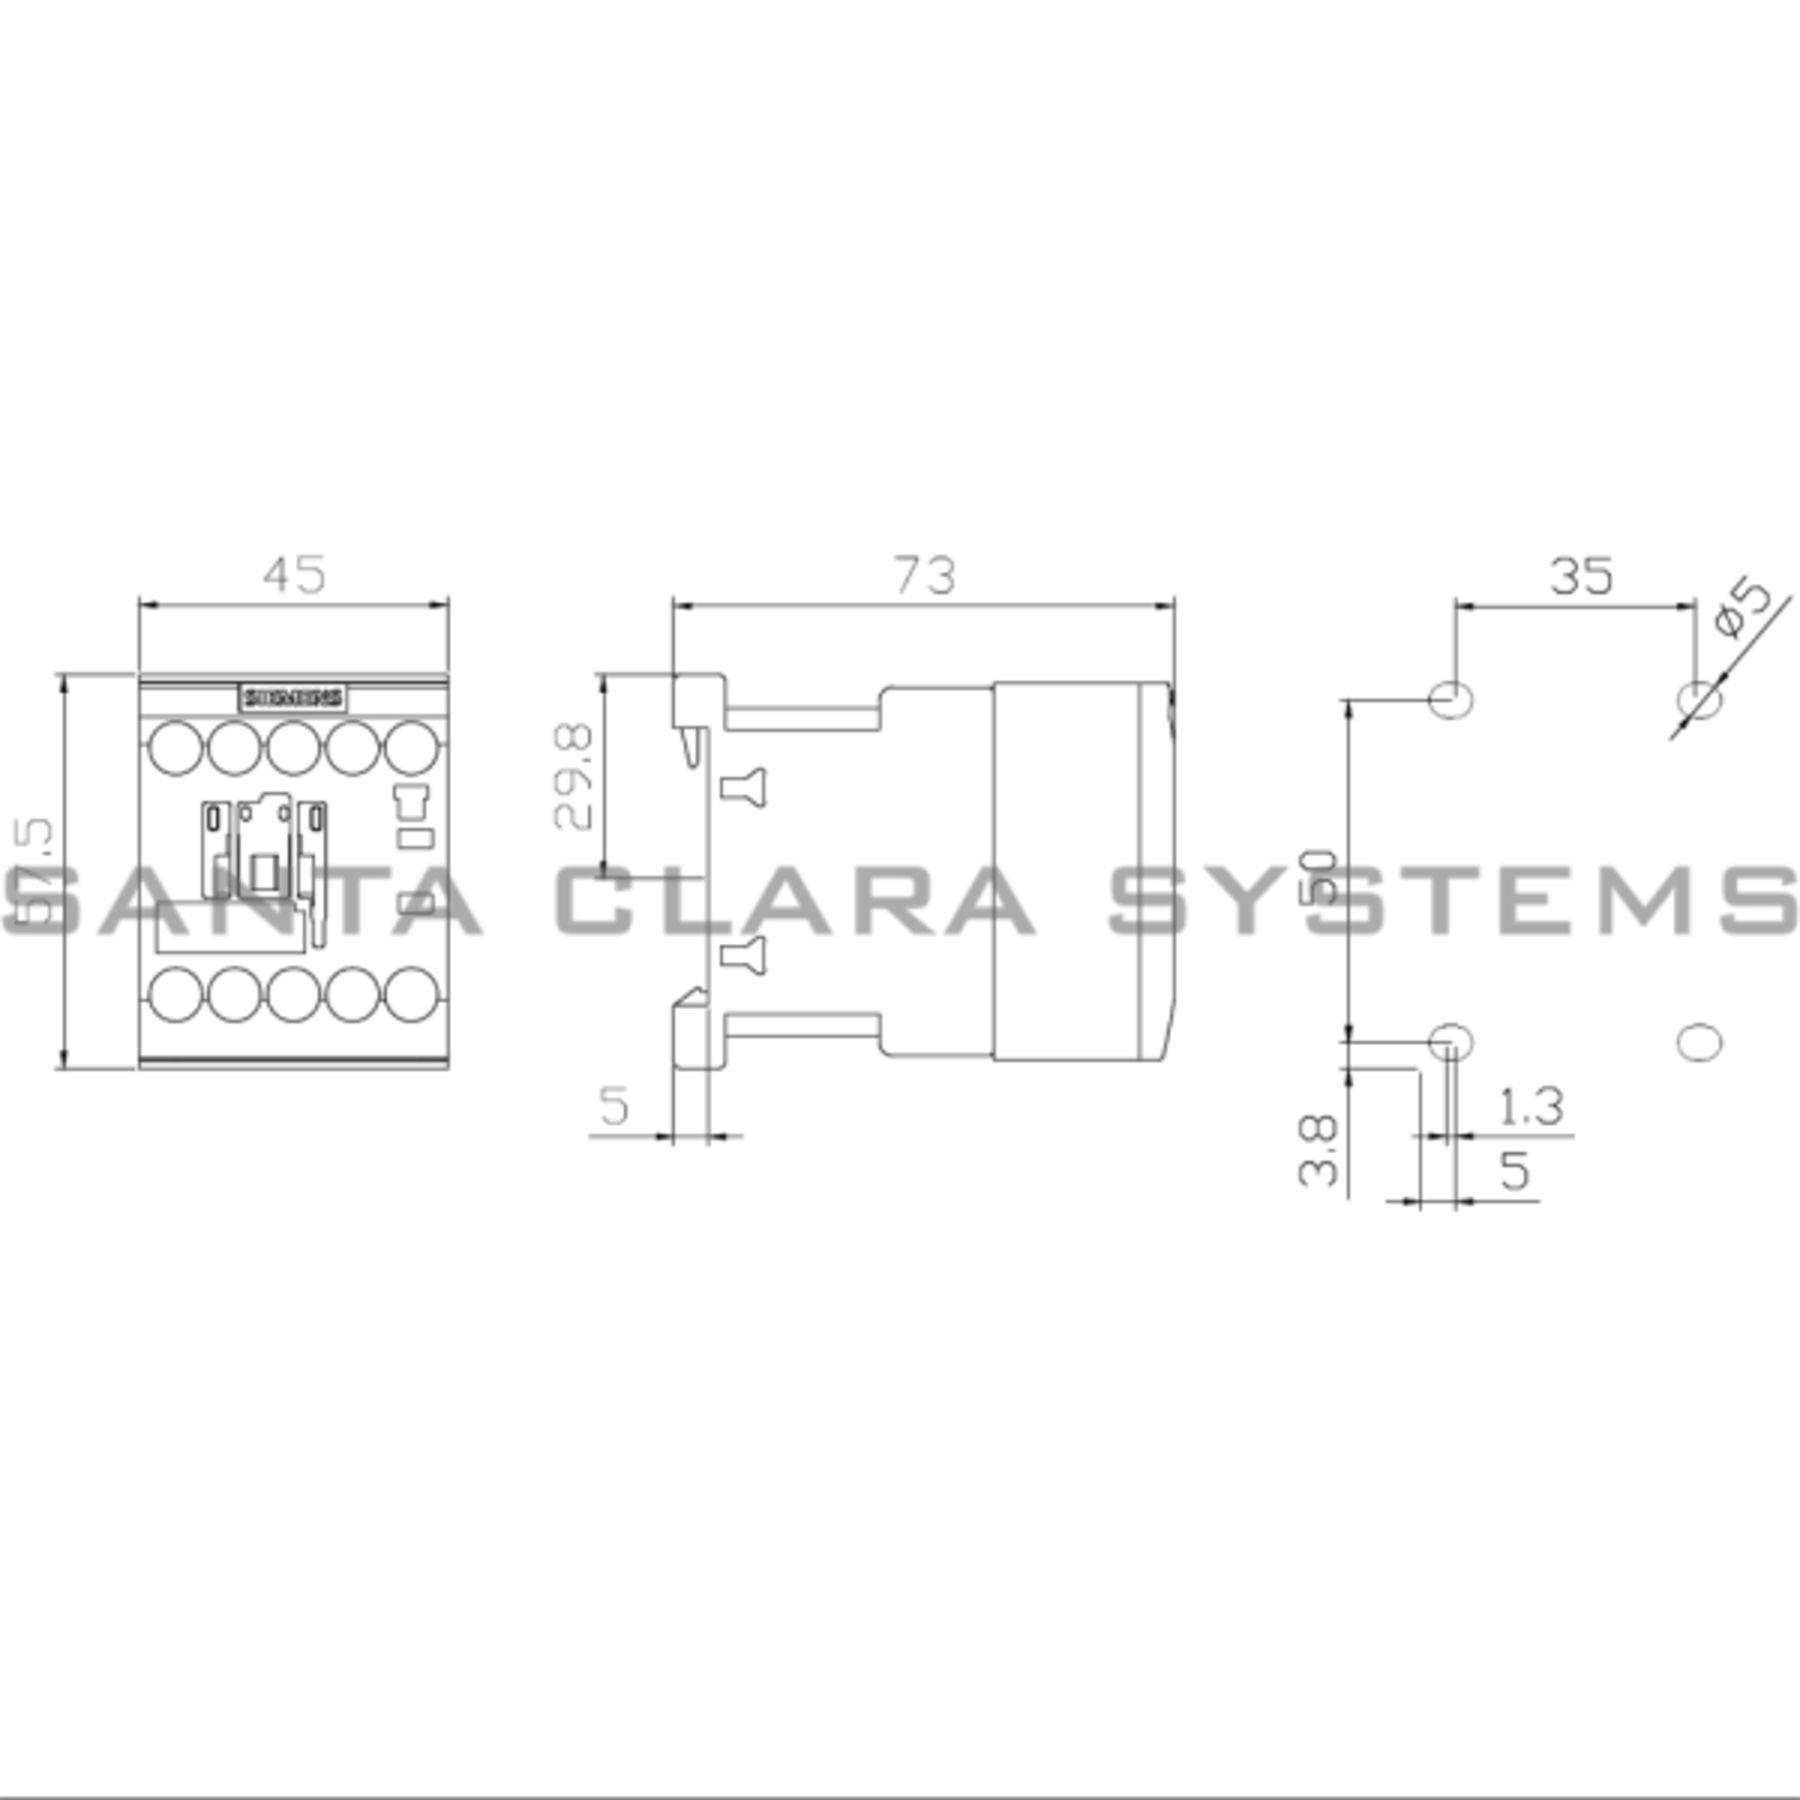 Siemens Lighting Contactor Wiring Diagram